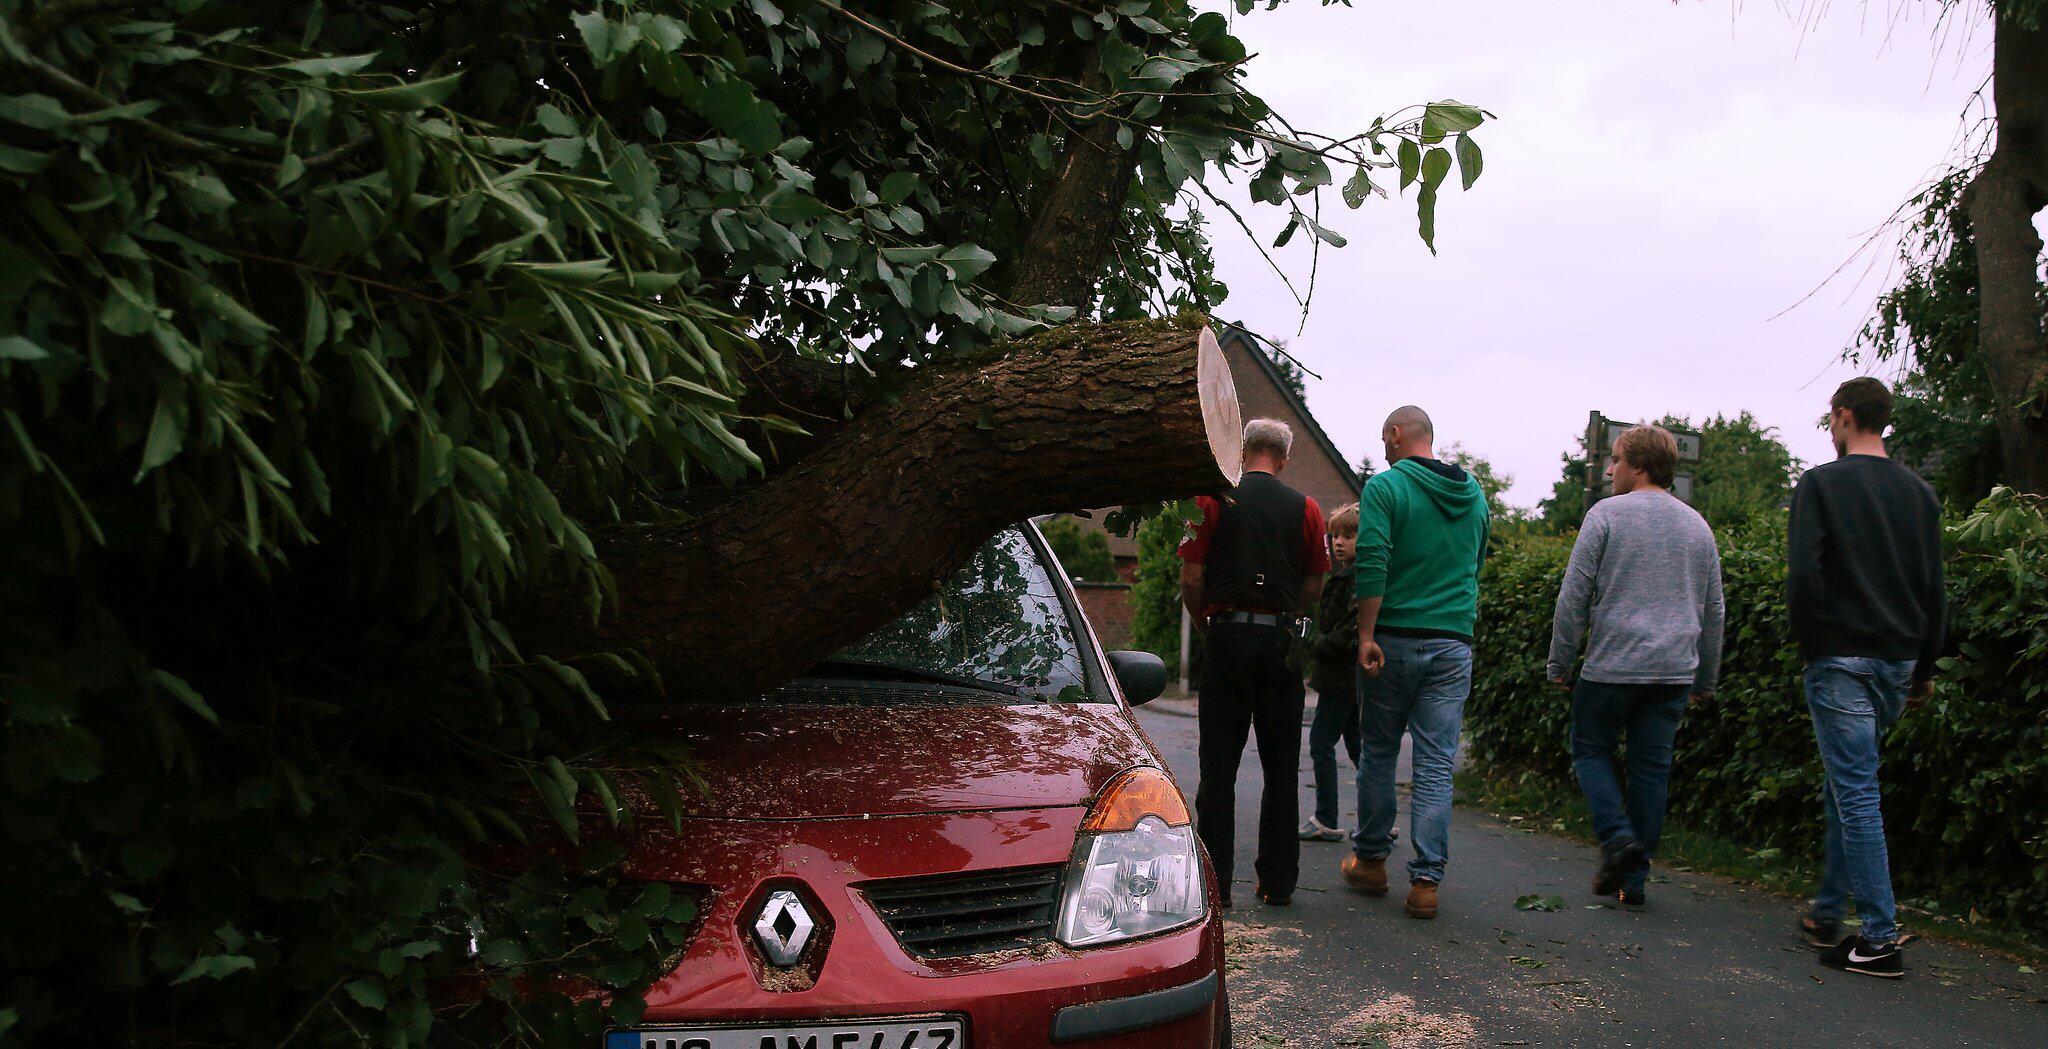 Bild zu Tornado, Schwalmtal, Auto, Baum, Renault, Kreis Viersen